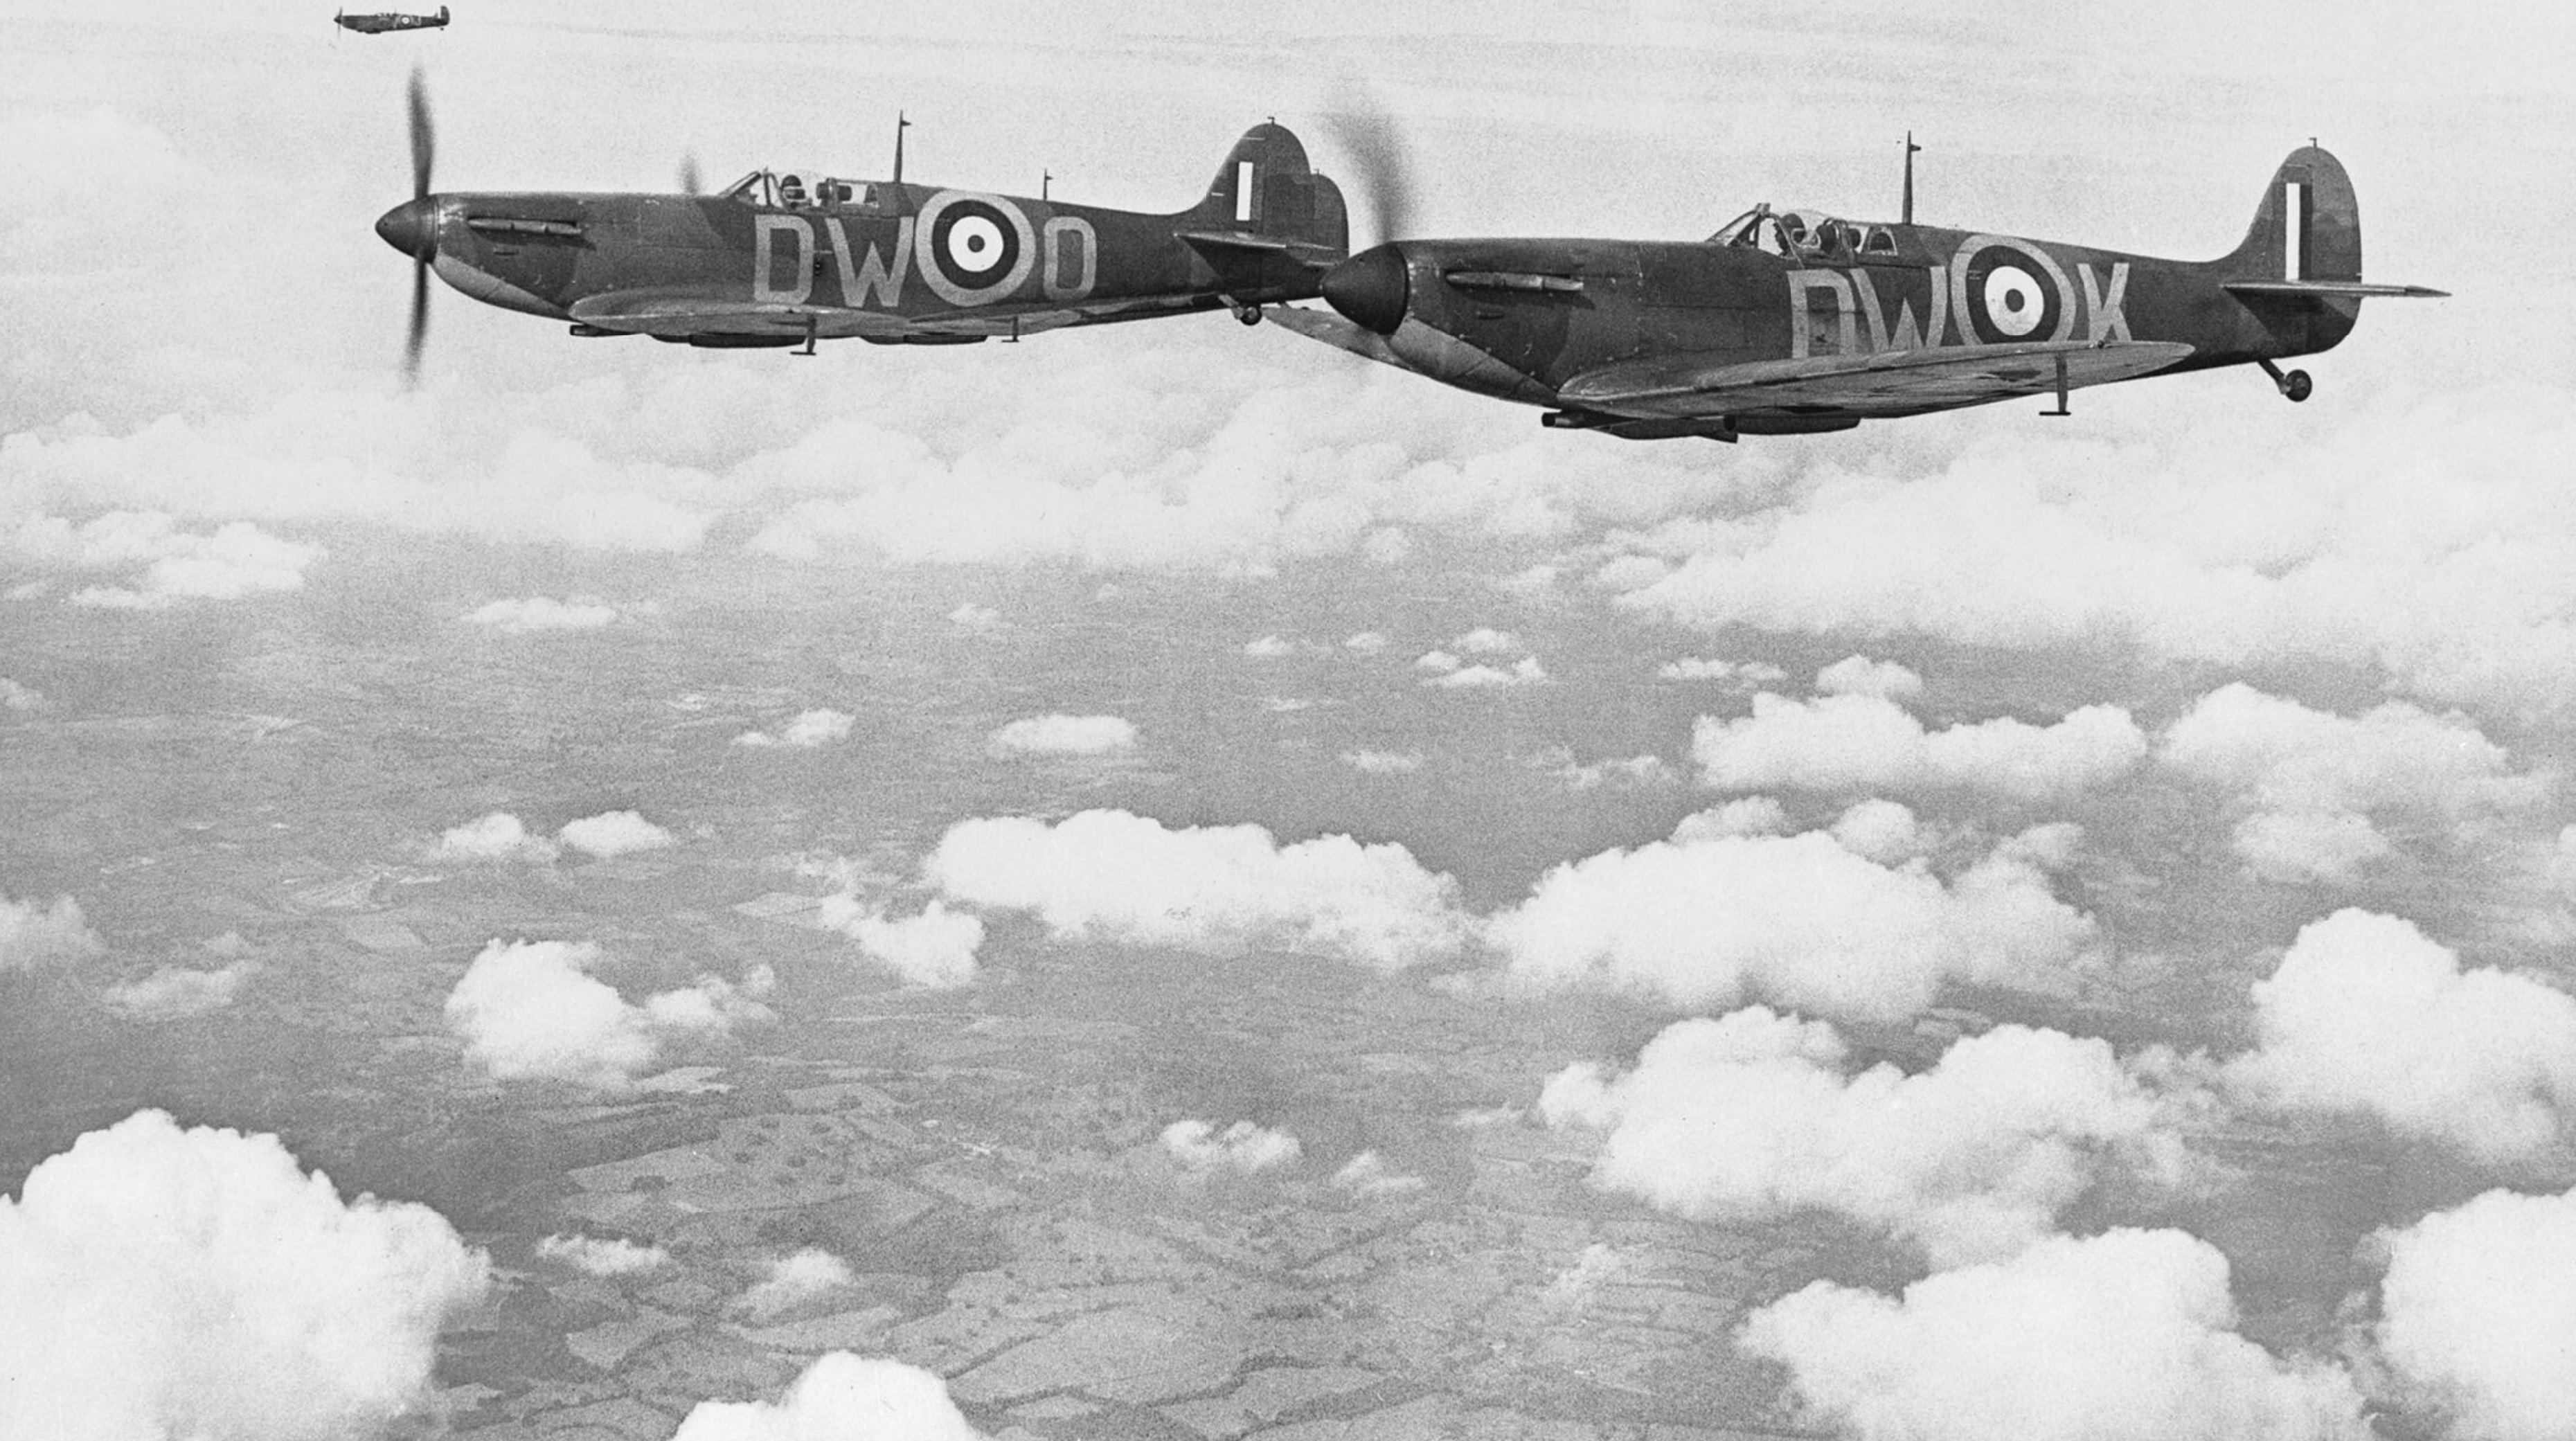 Spitfire MkIa RAF 610Sqn DWK N3289 n DWO R6595 in vic formation Biggin Hill Kent 1940 IWM CH740b